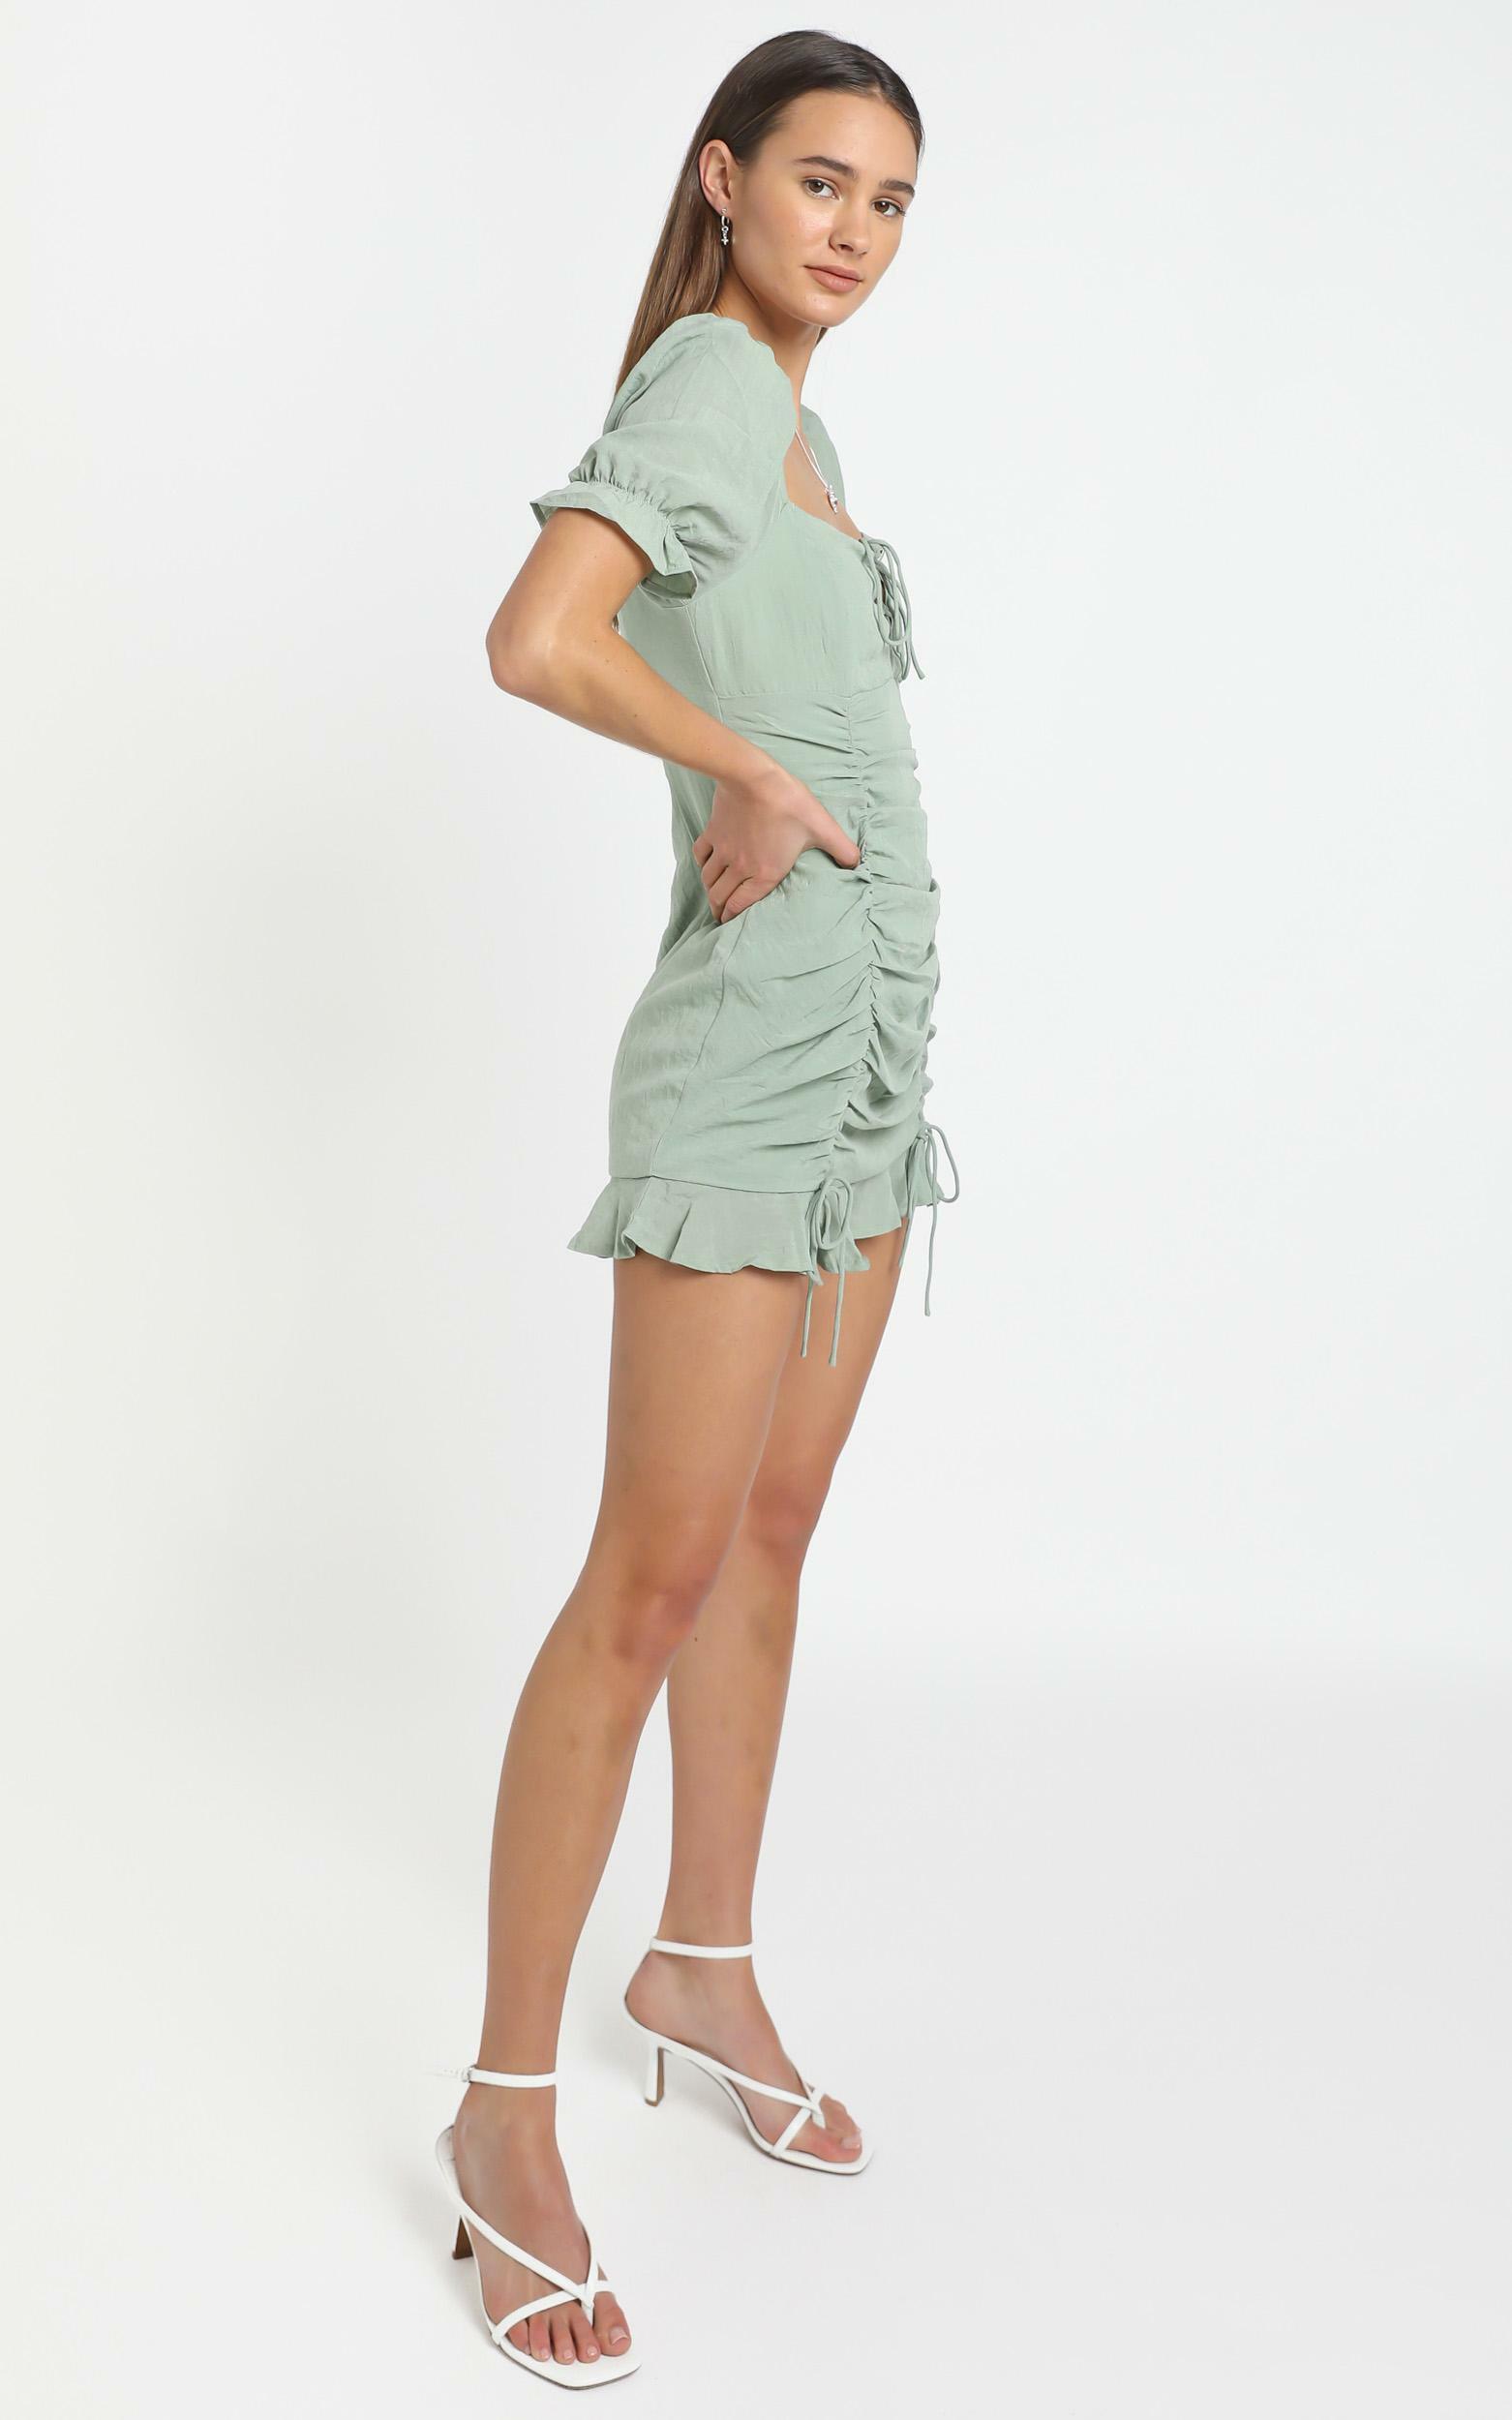 Makenzie Dress in Sage, Green, hi-res image number null